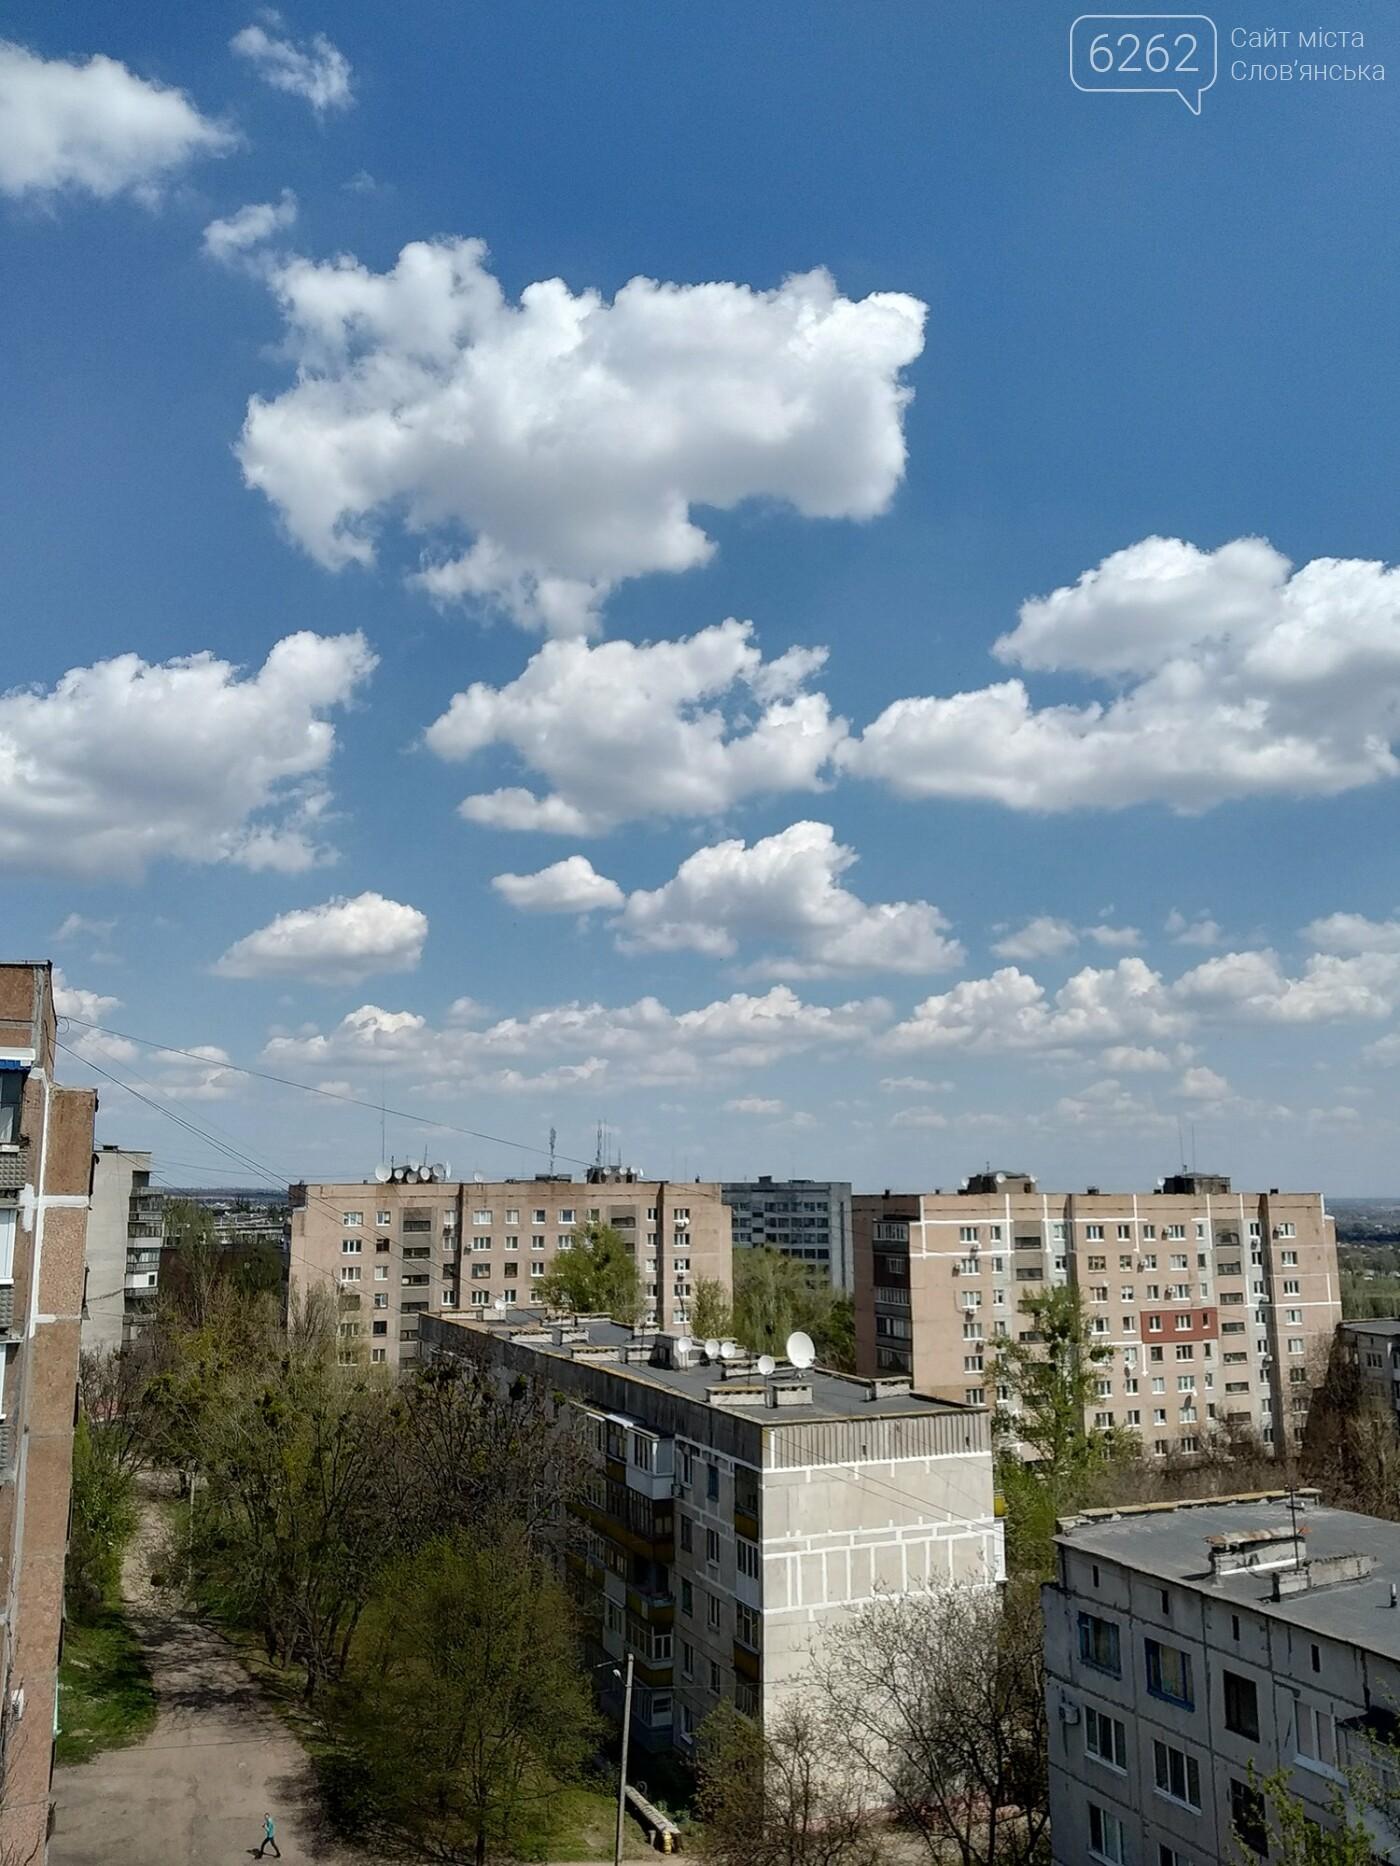 Весна дихає в обличчя: фотопрогулянка мікрорайоном Лісний у Слов'янську, фото-5